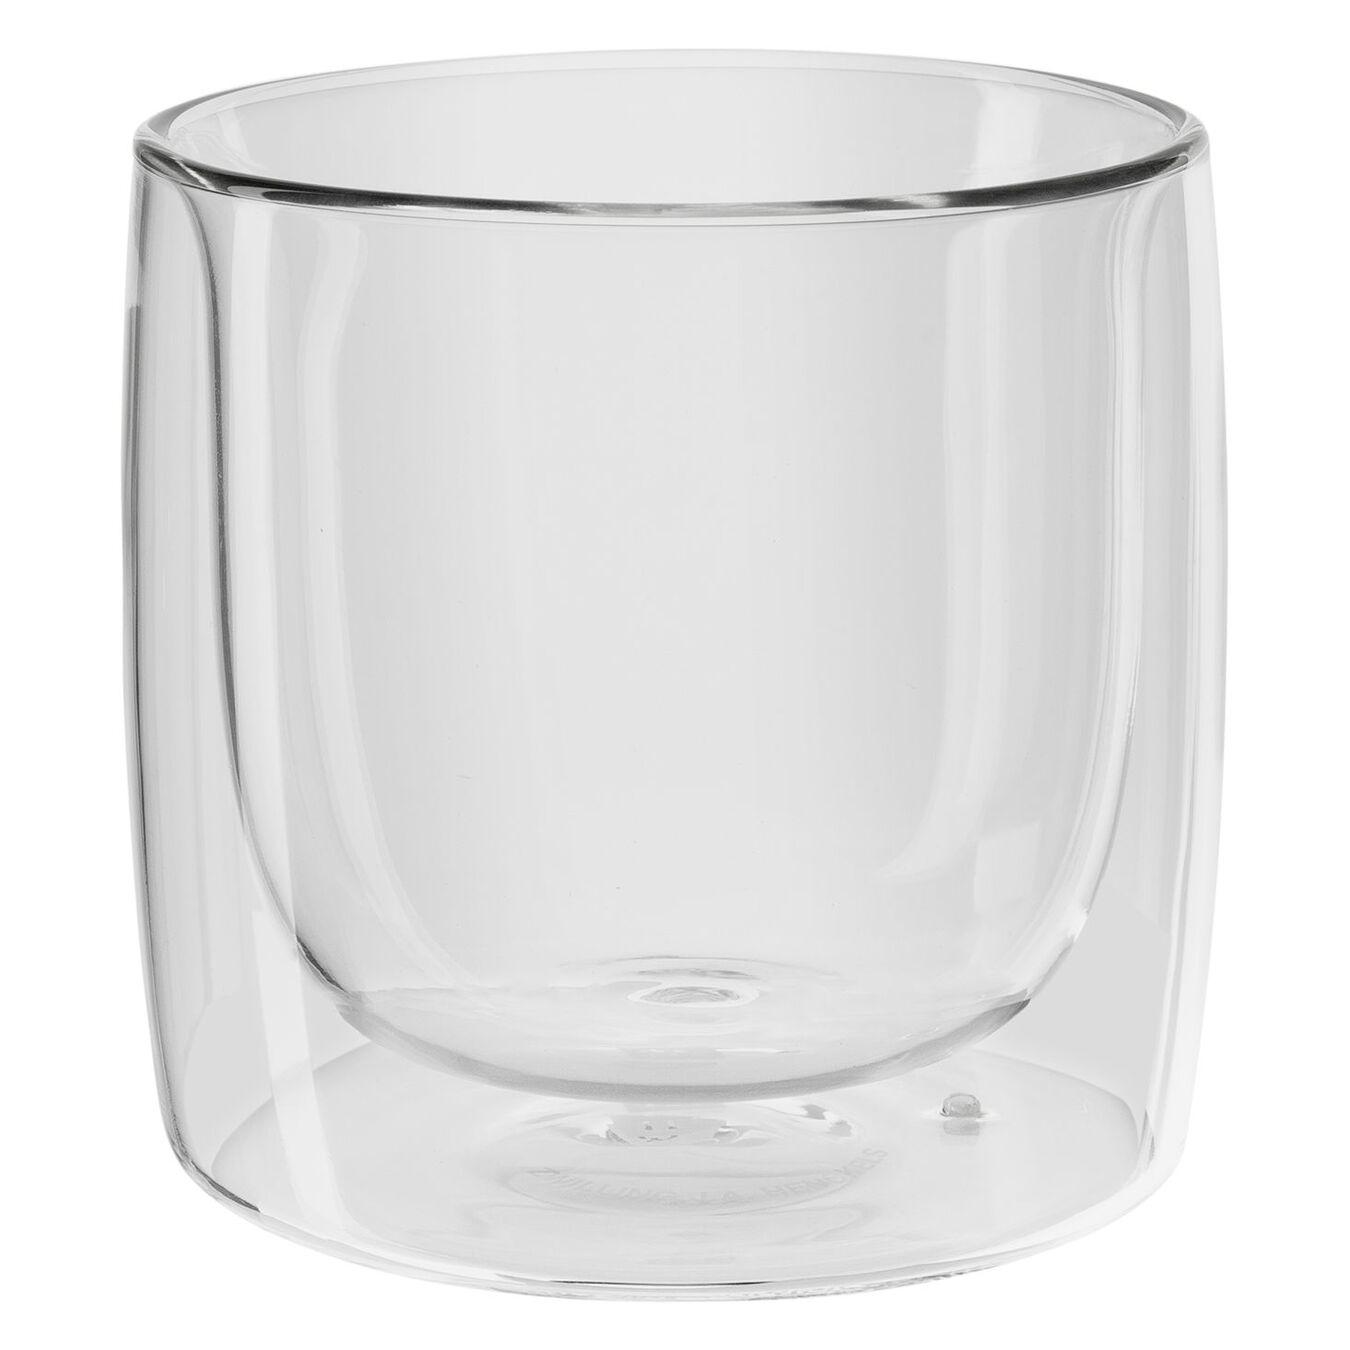 Whiskyglasset 250 ml / 2-tlg,,large 1